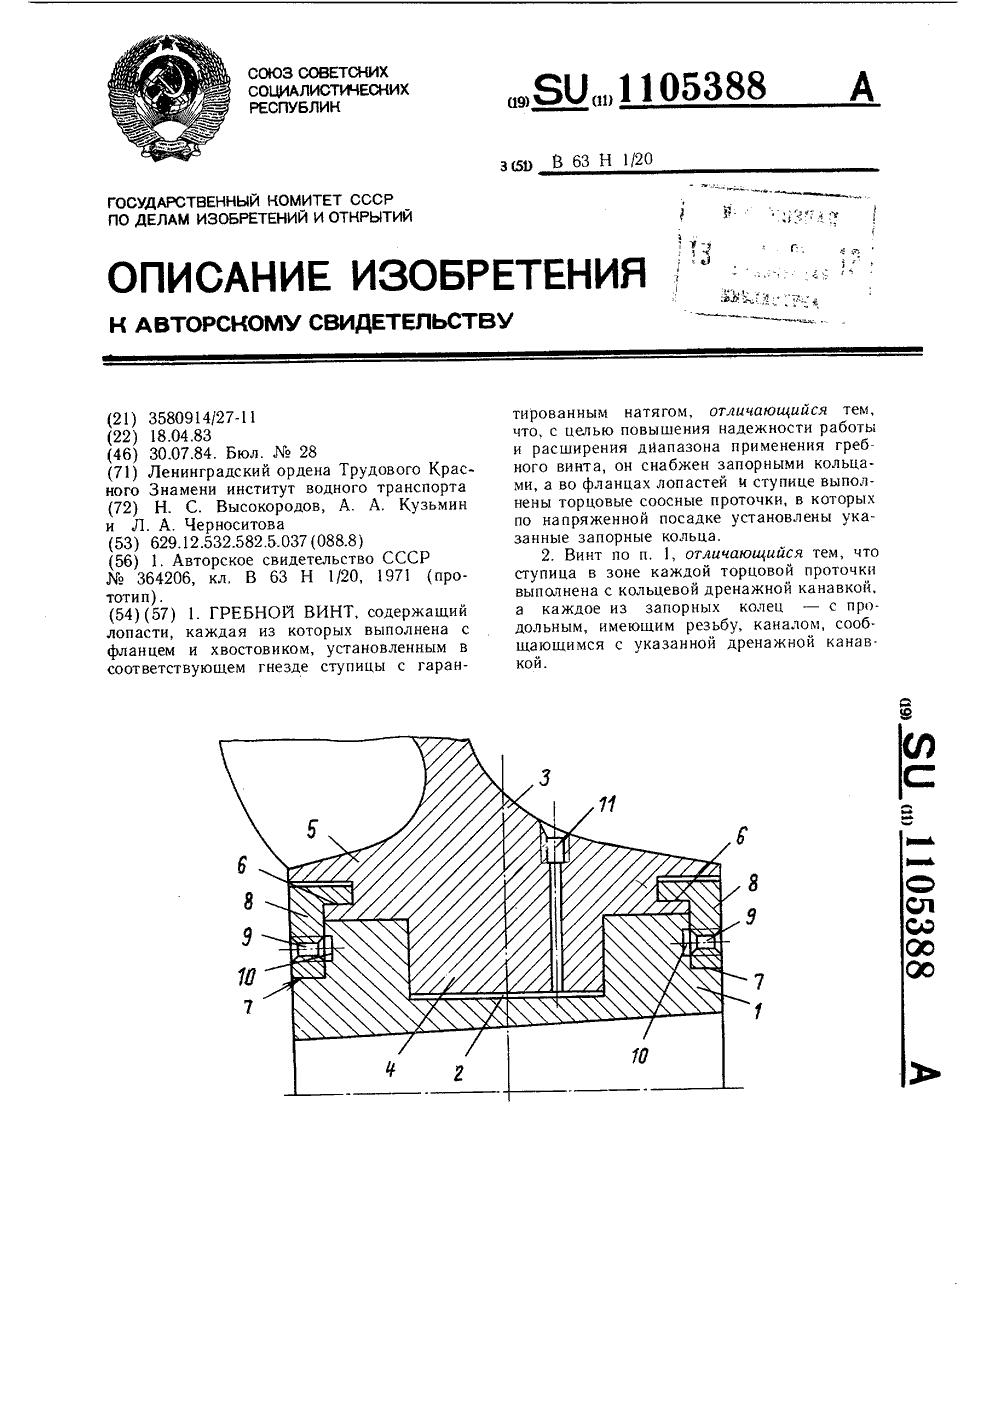 дефектоскопия гребного винта